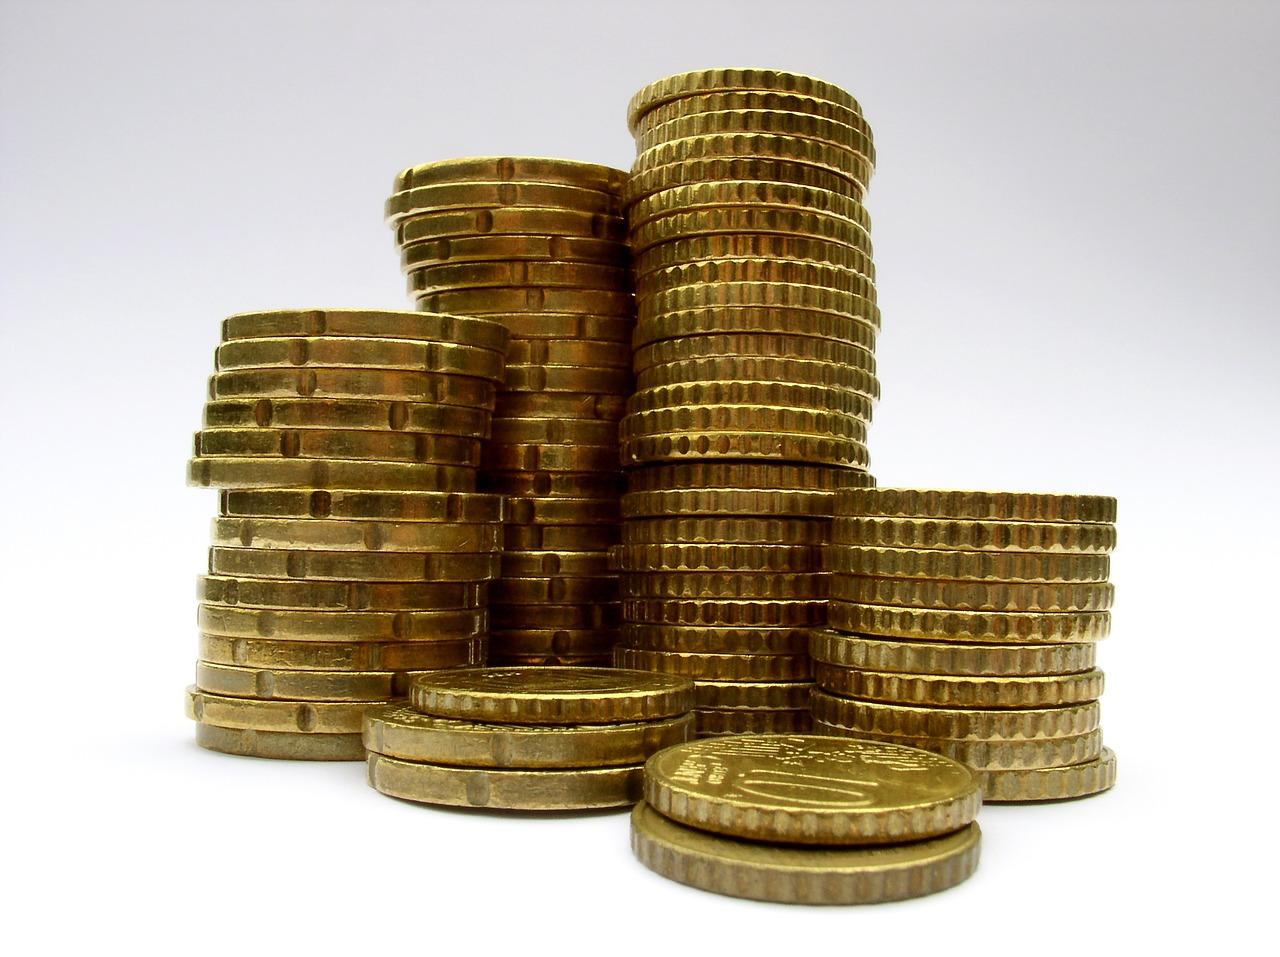 coins-719698_1280